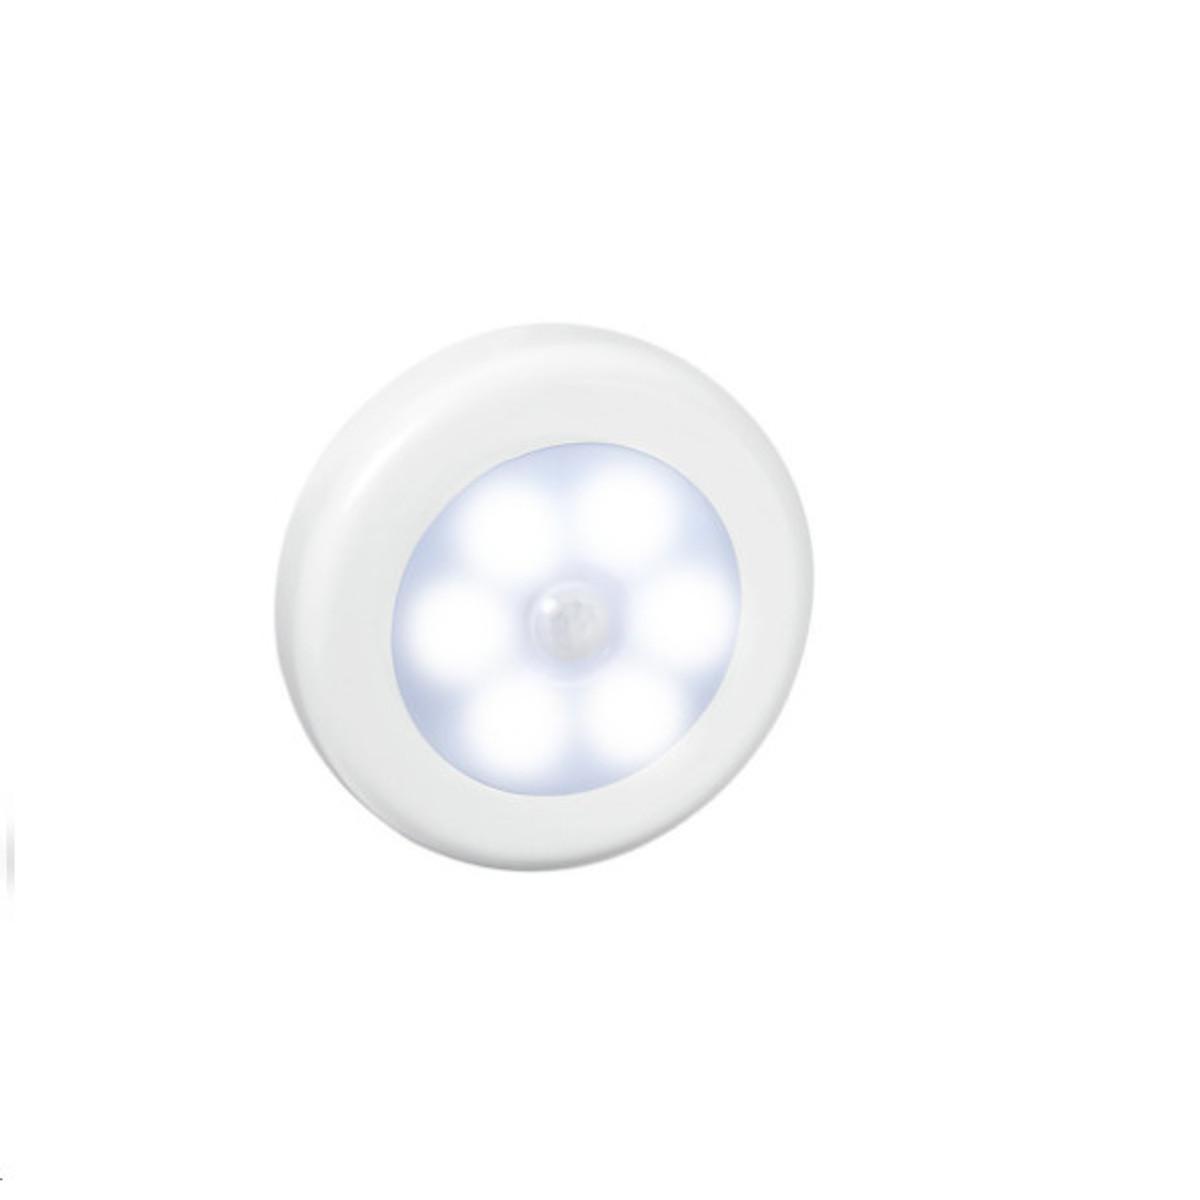 Đèn led cảm biến chuyển động hồng ngoại hình tròn - Hàng nhập khẩu